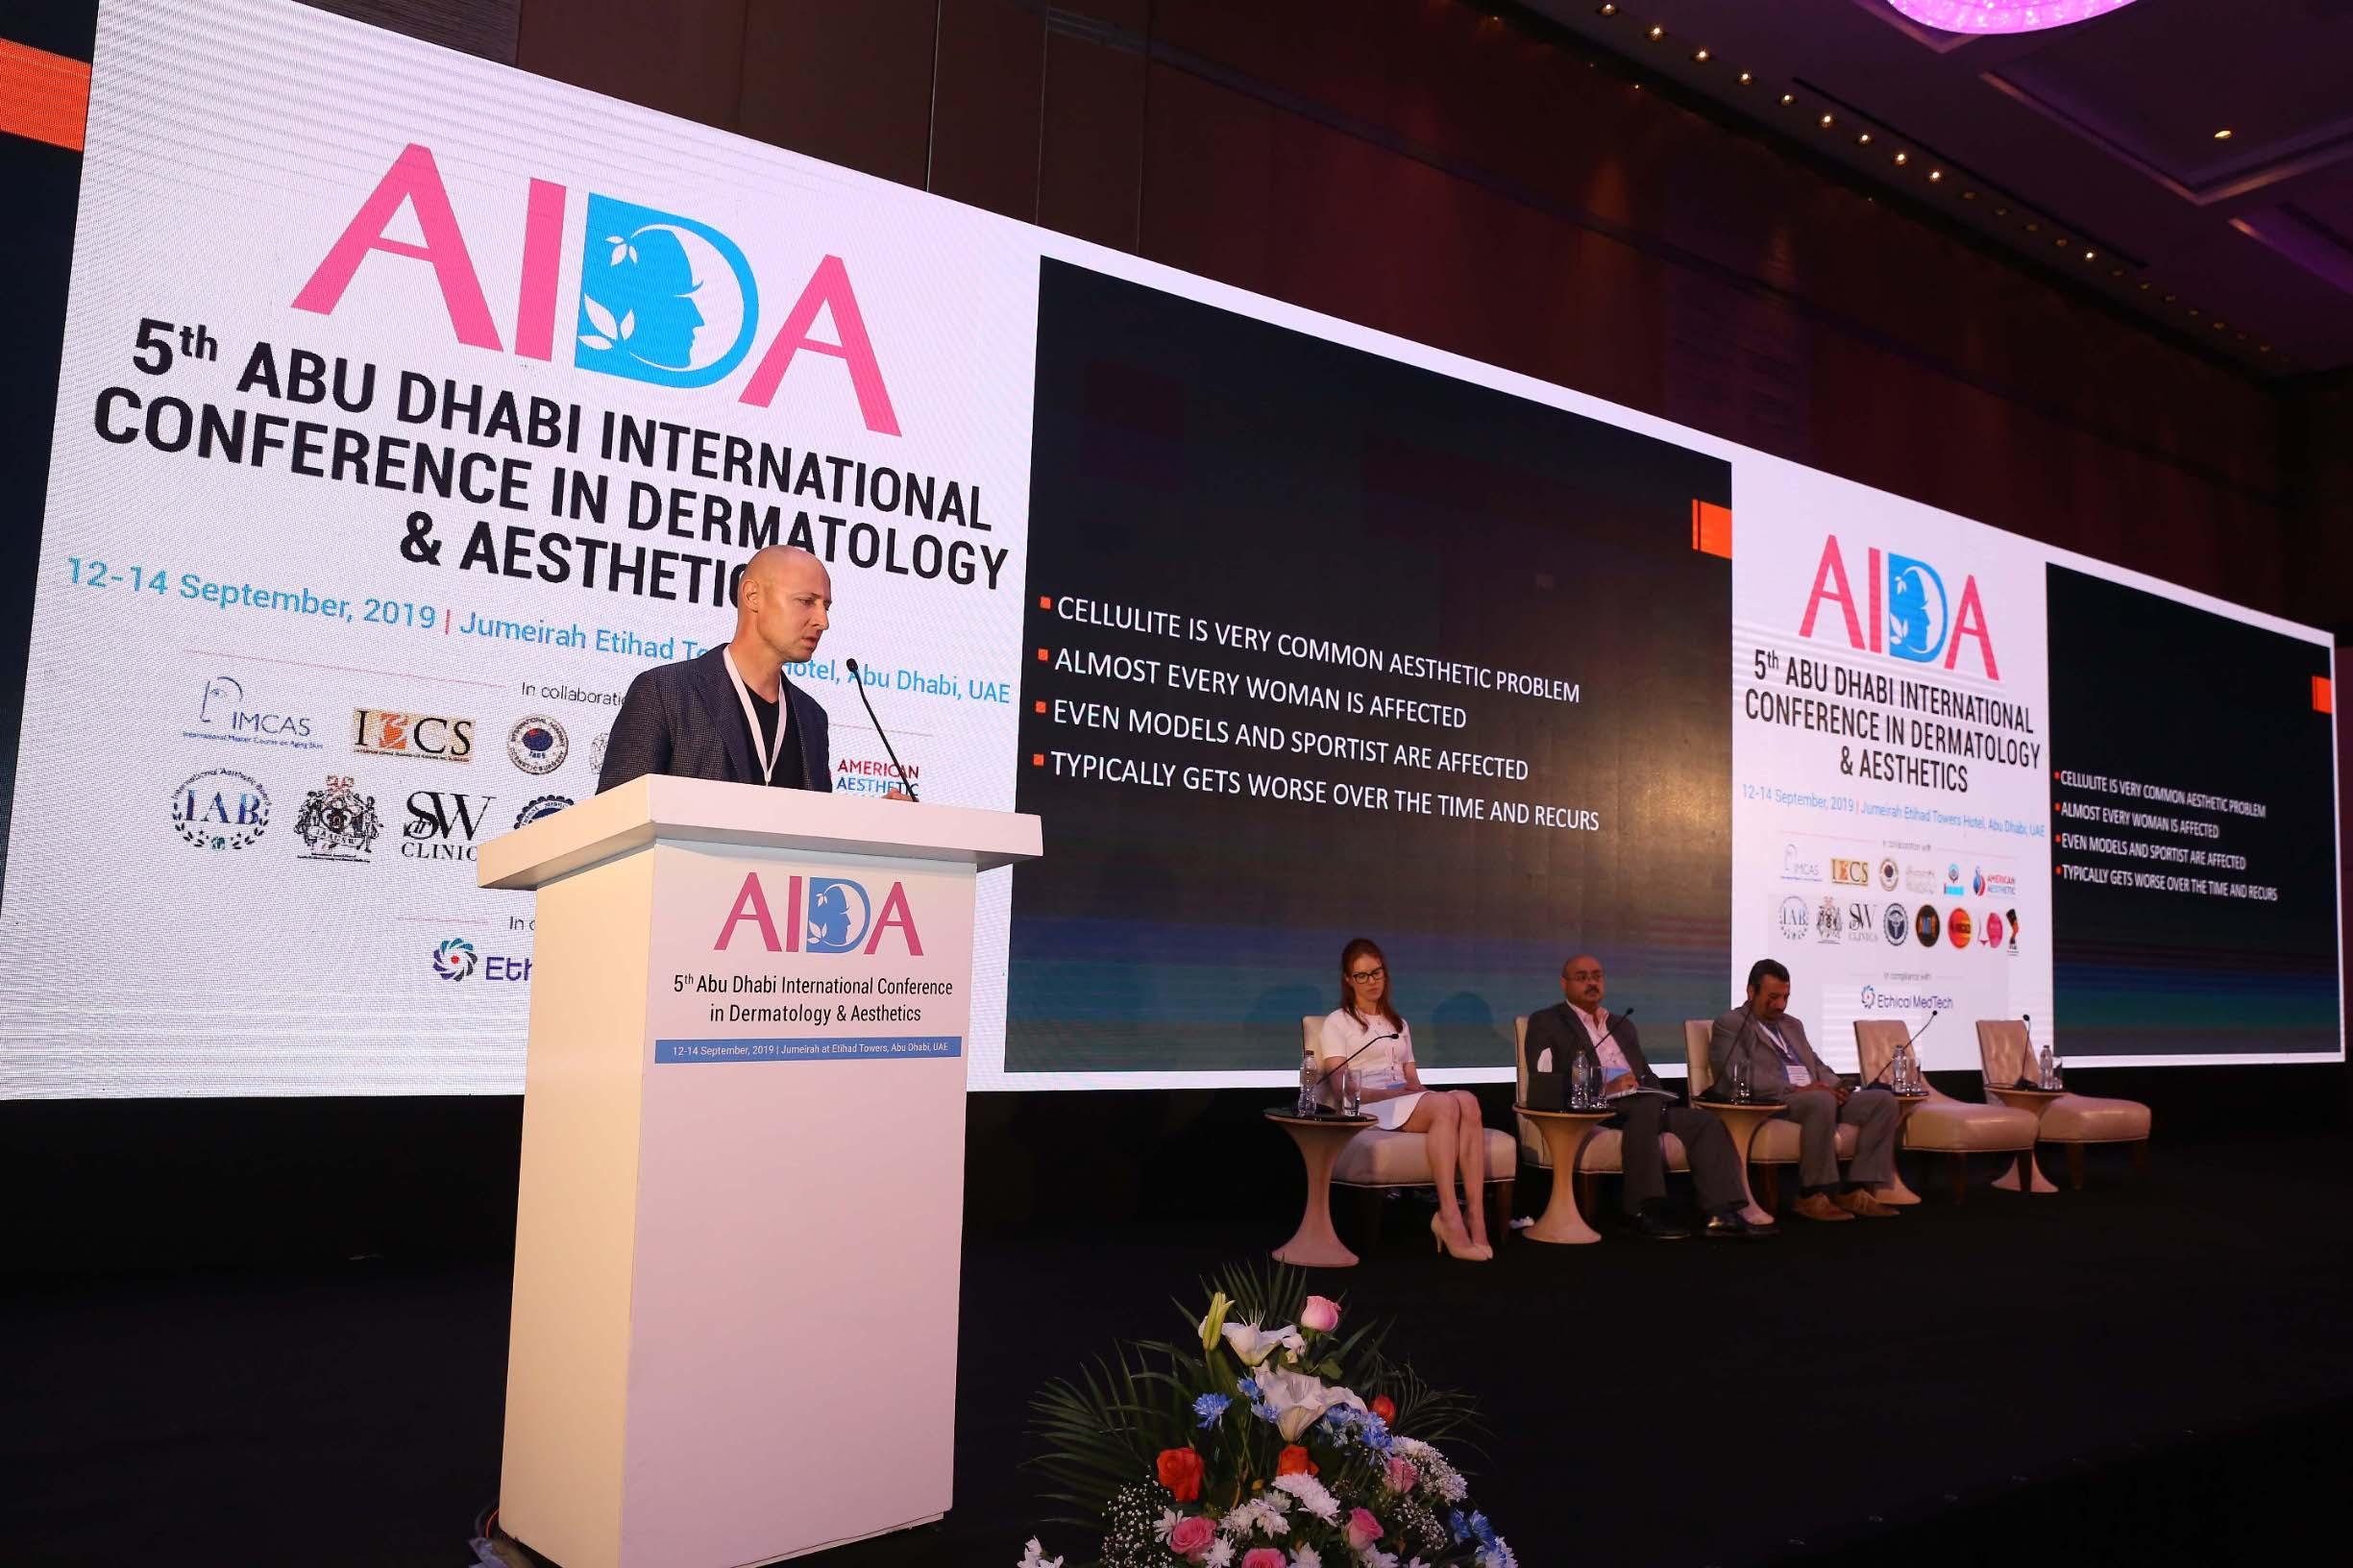 Ovoj nagradi još veći značaj doprinosi činjenica da je na AIDA konferenciji sudjelovalo više od 1000 vrhunskih stručnjaka, no upravo su Kaliternine inovativne metode uklanjanja celulita i njihova učinkovitost, osvojile cijeli znanstveni odbor.